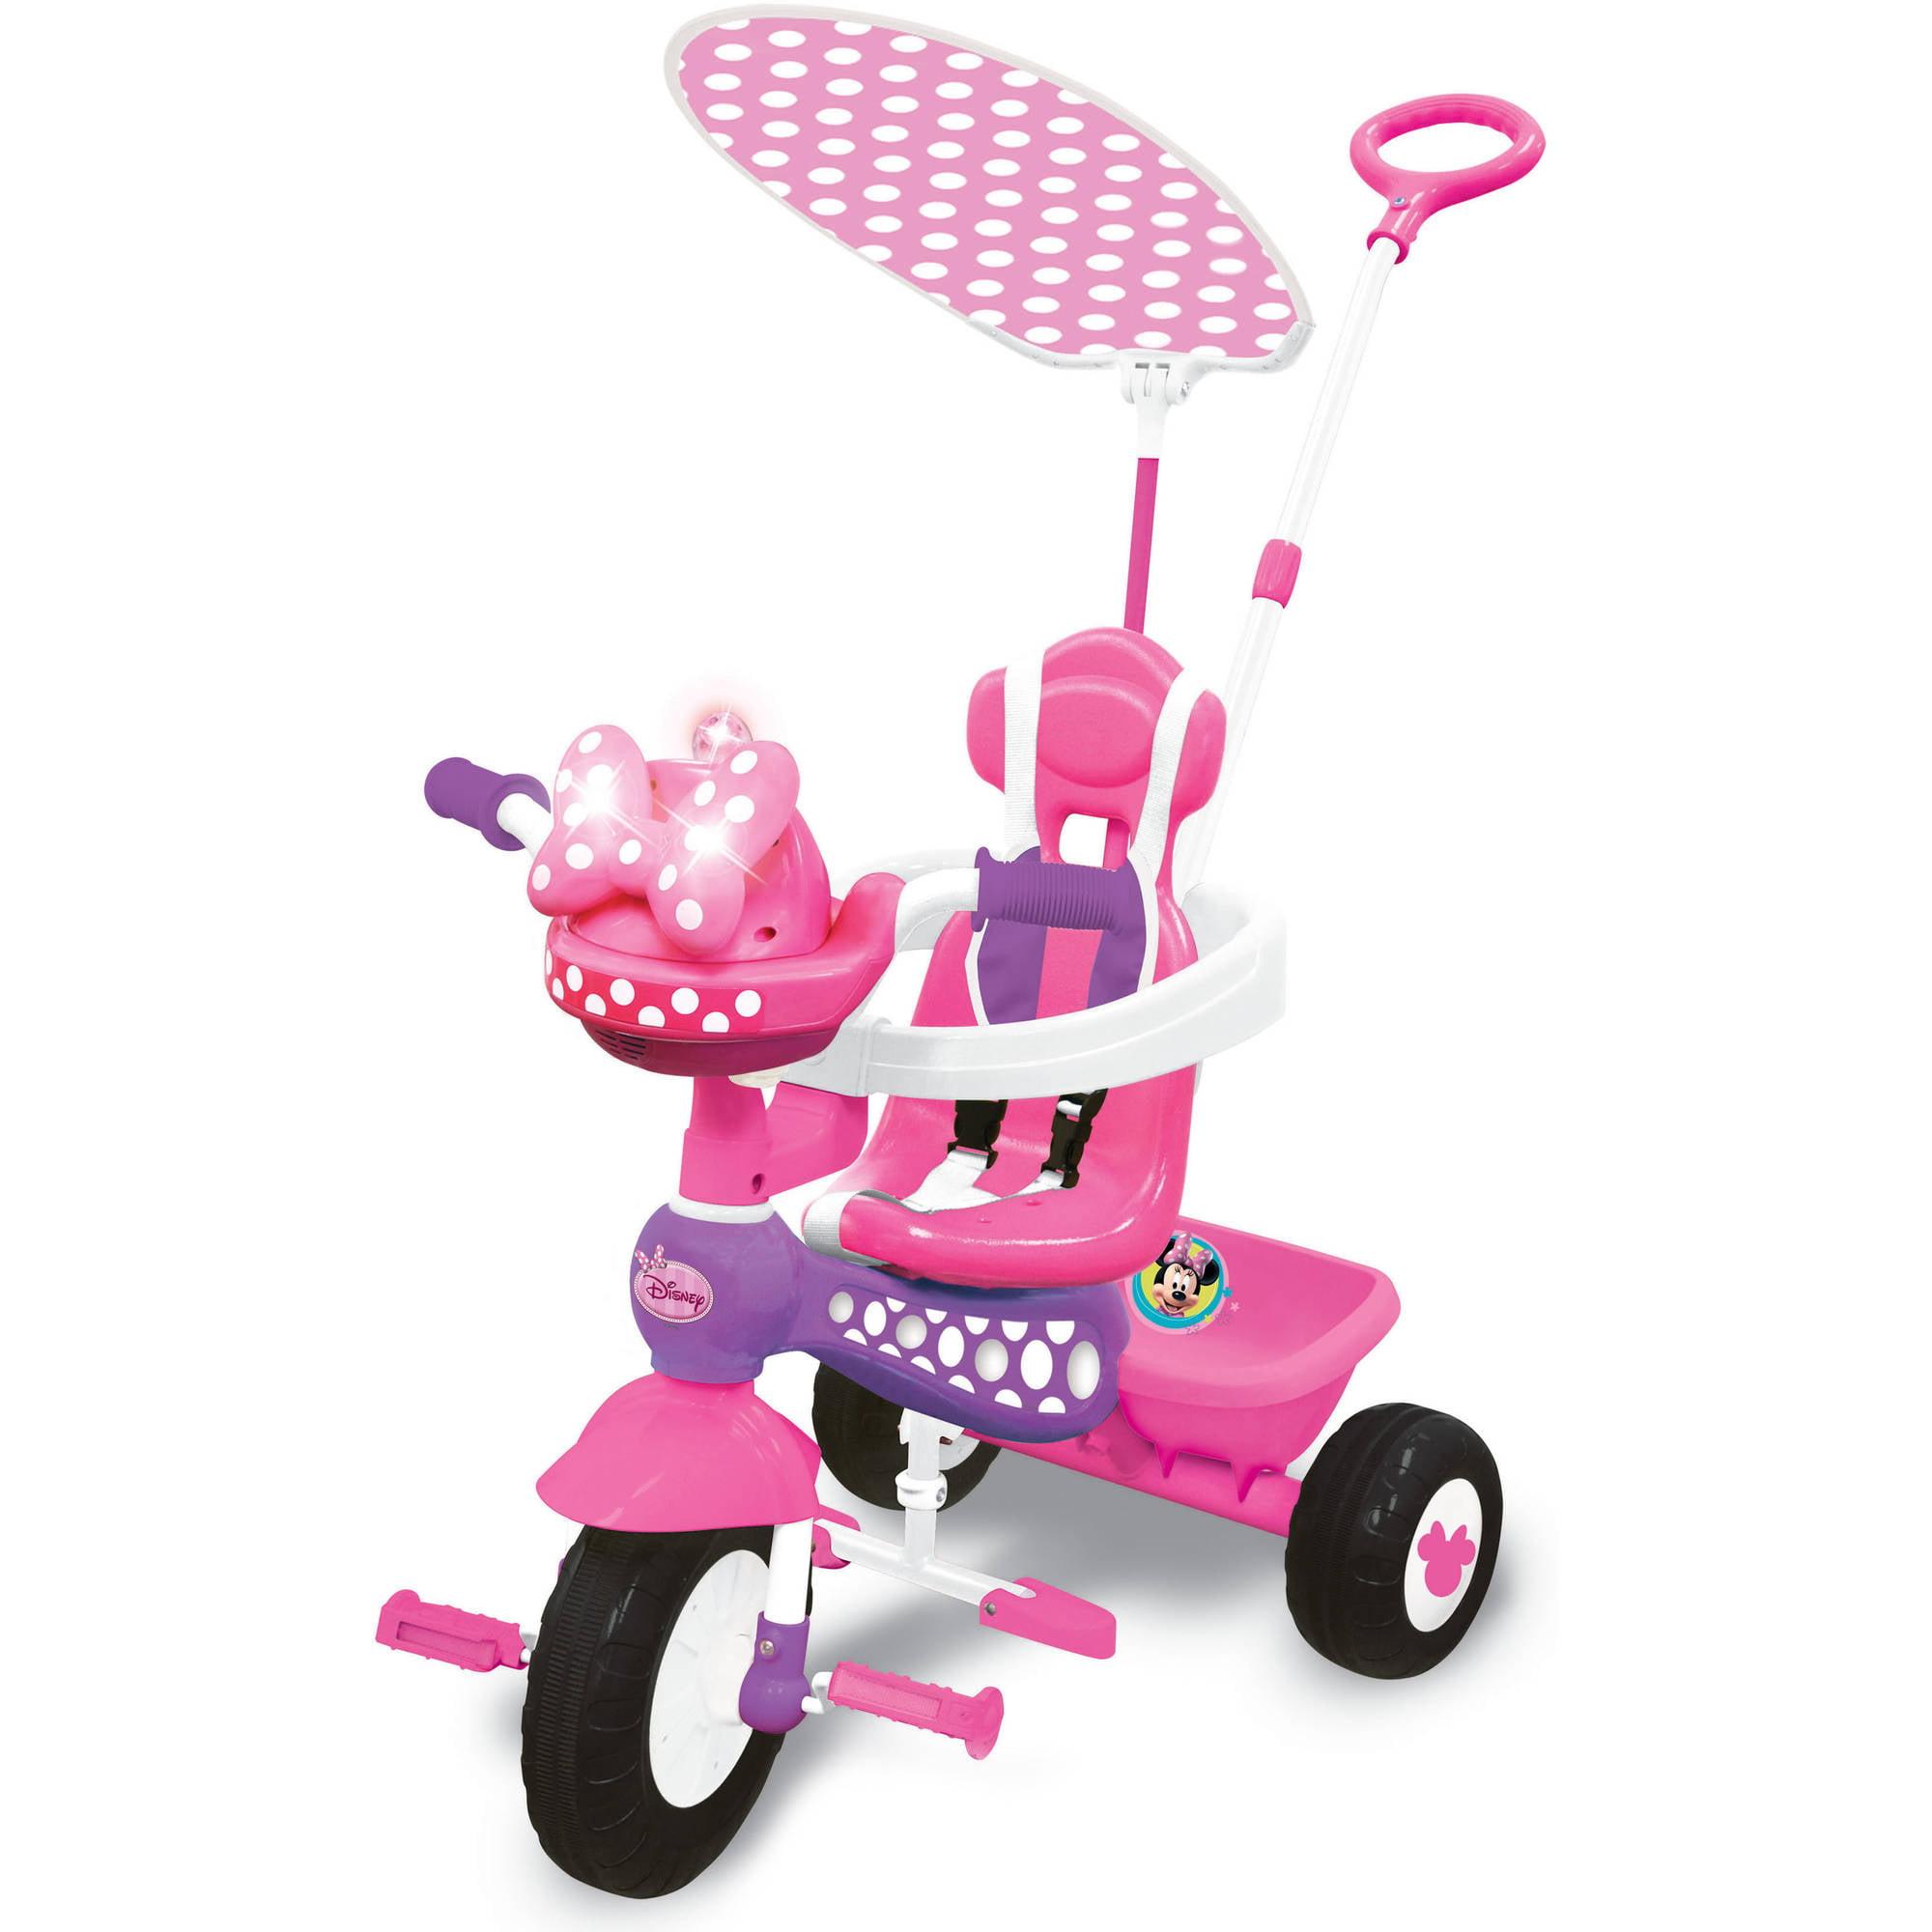 Kiddieland Disney Minnie Mouse Push N' Ride Trike by Kiddieland